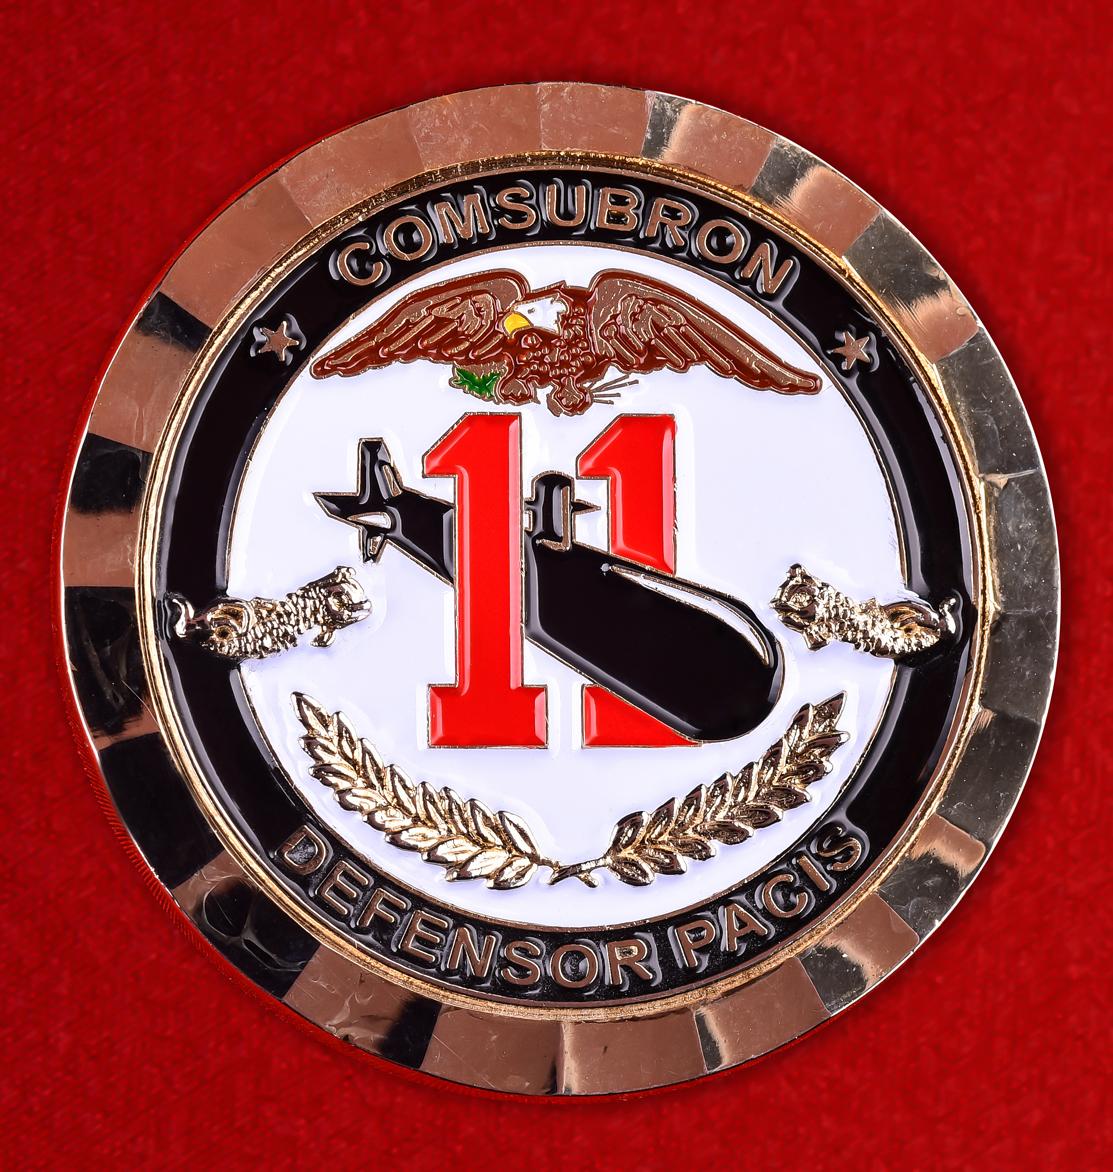 """Наградная монета """"11-й дивизион субмарин ВМС США"""""""